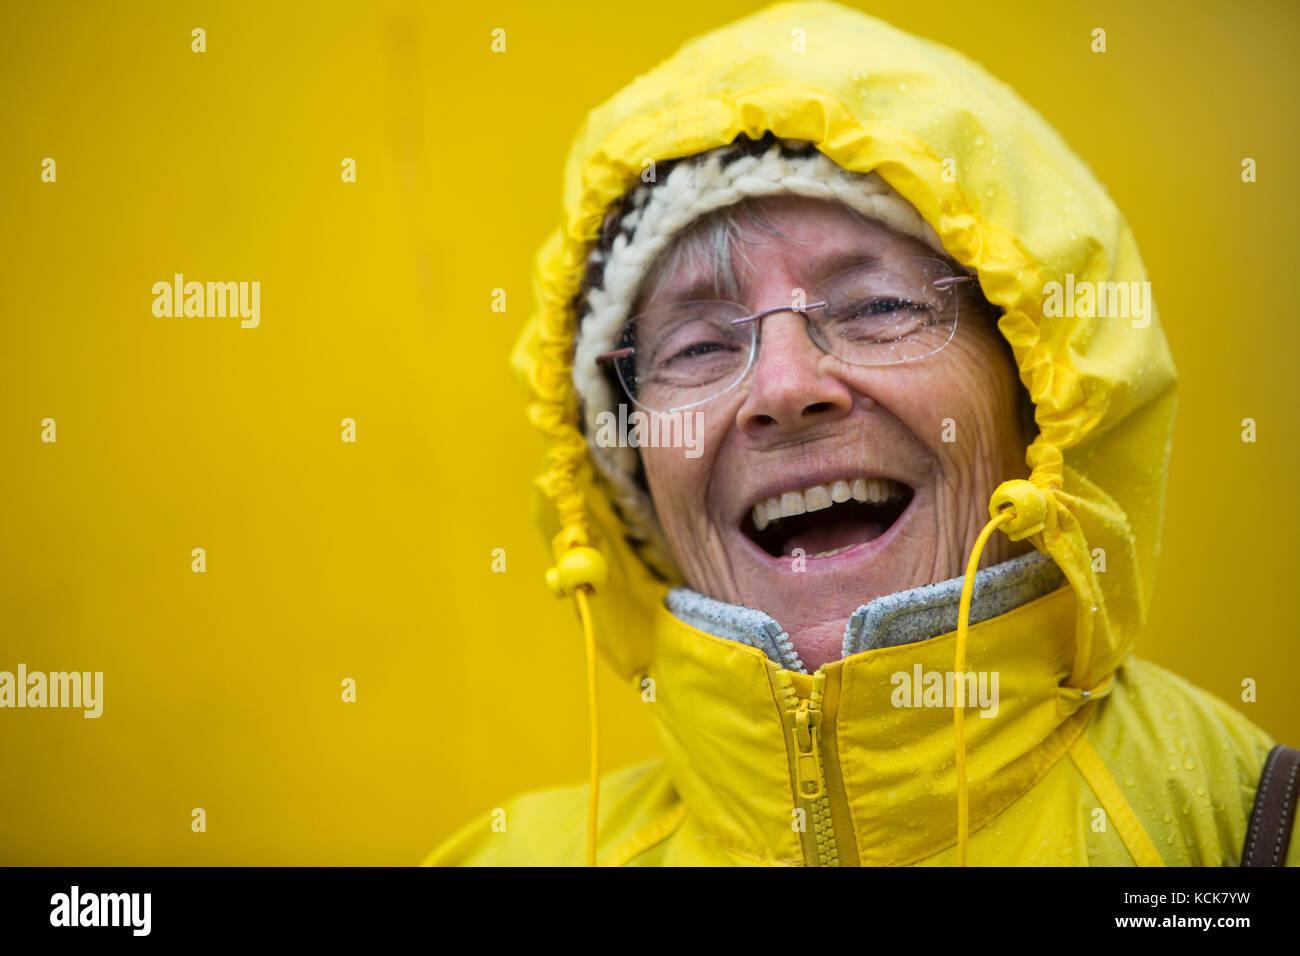 Eine glückliche, lachende älterer Bürger gekleidet in ihren gelben rain Slicker genießt das Stockbild